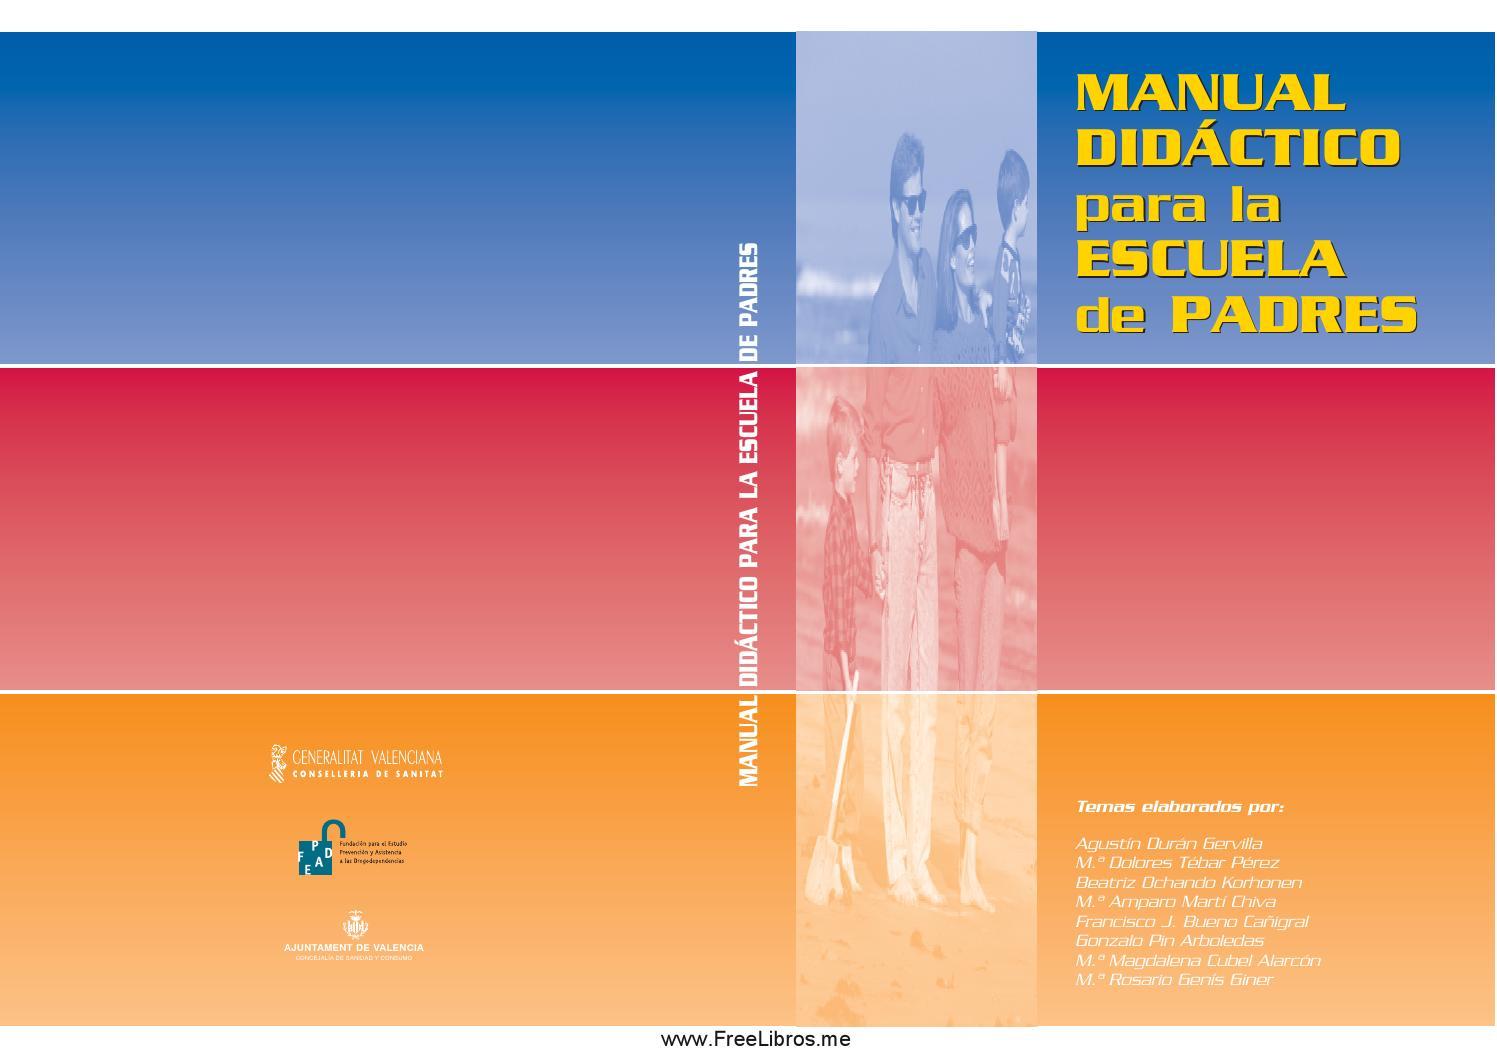 Manual para la escuela de padres by Mirna GuTierrez - issuu